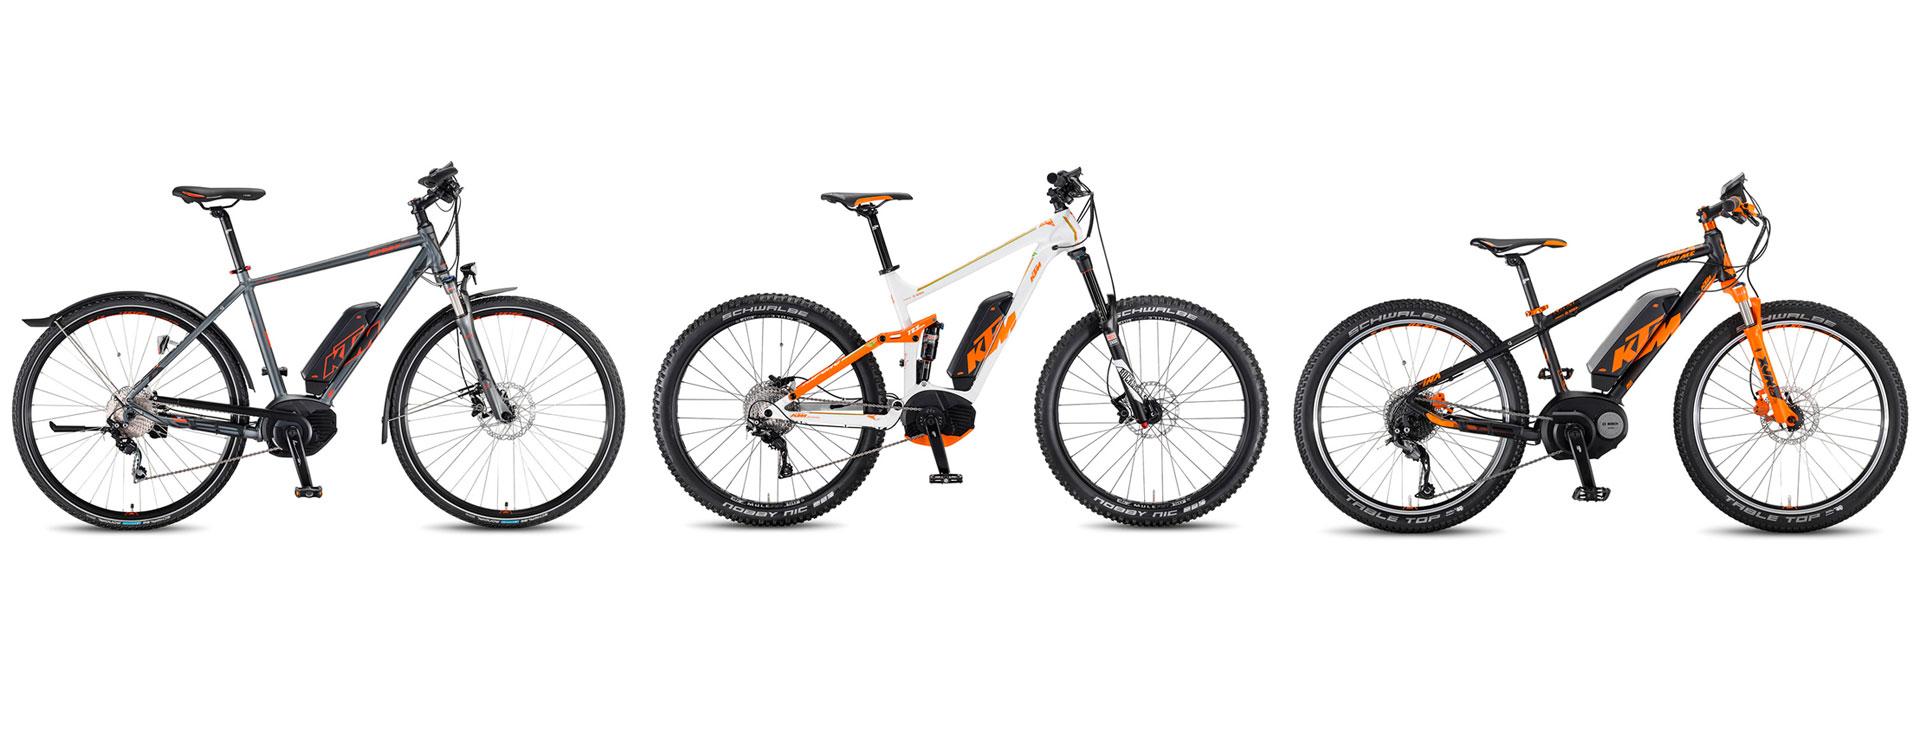 Les vélos à assistance électrique KTM